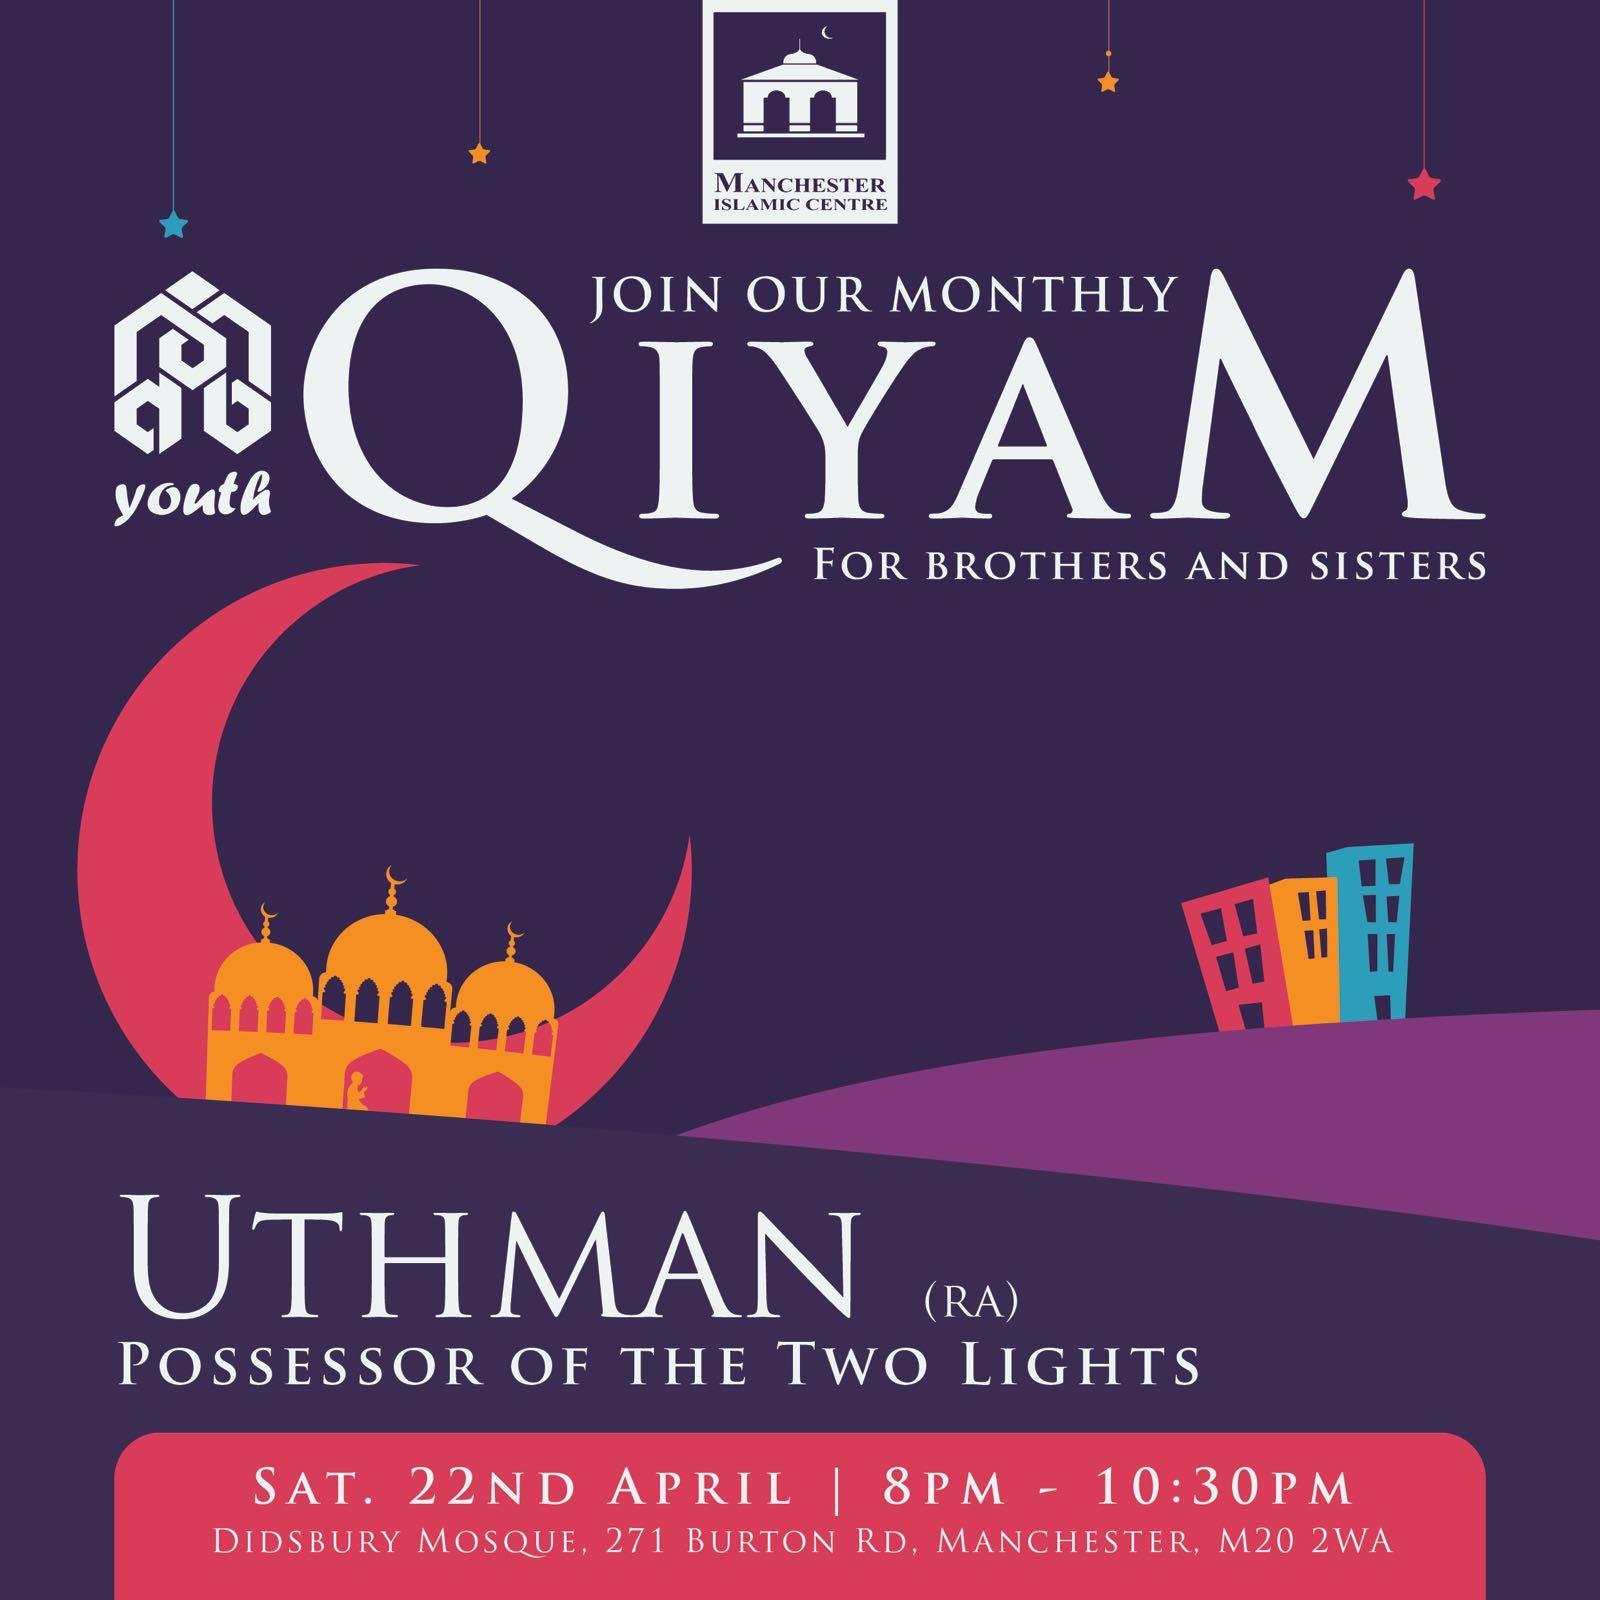 MAB Youth Qiyam